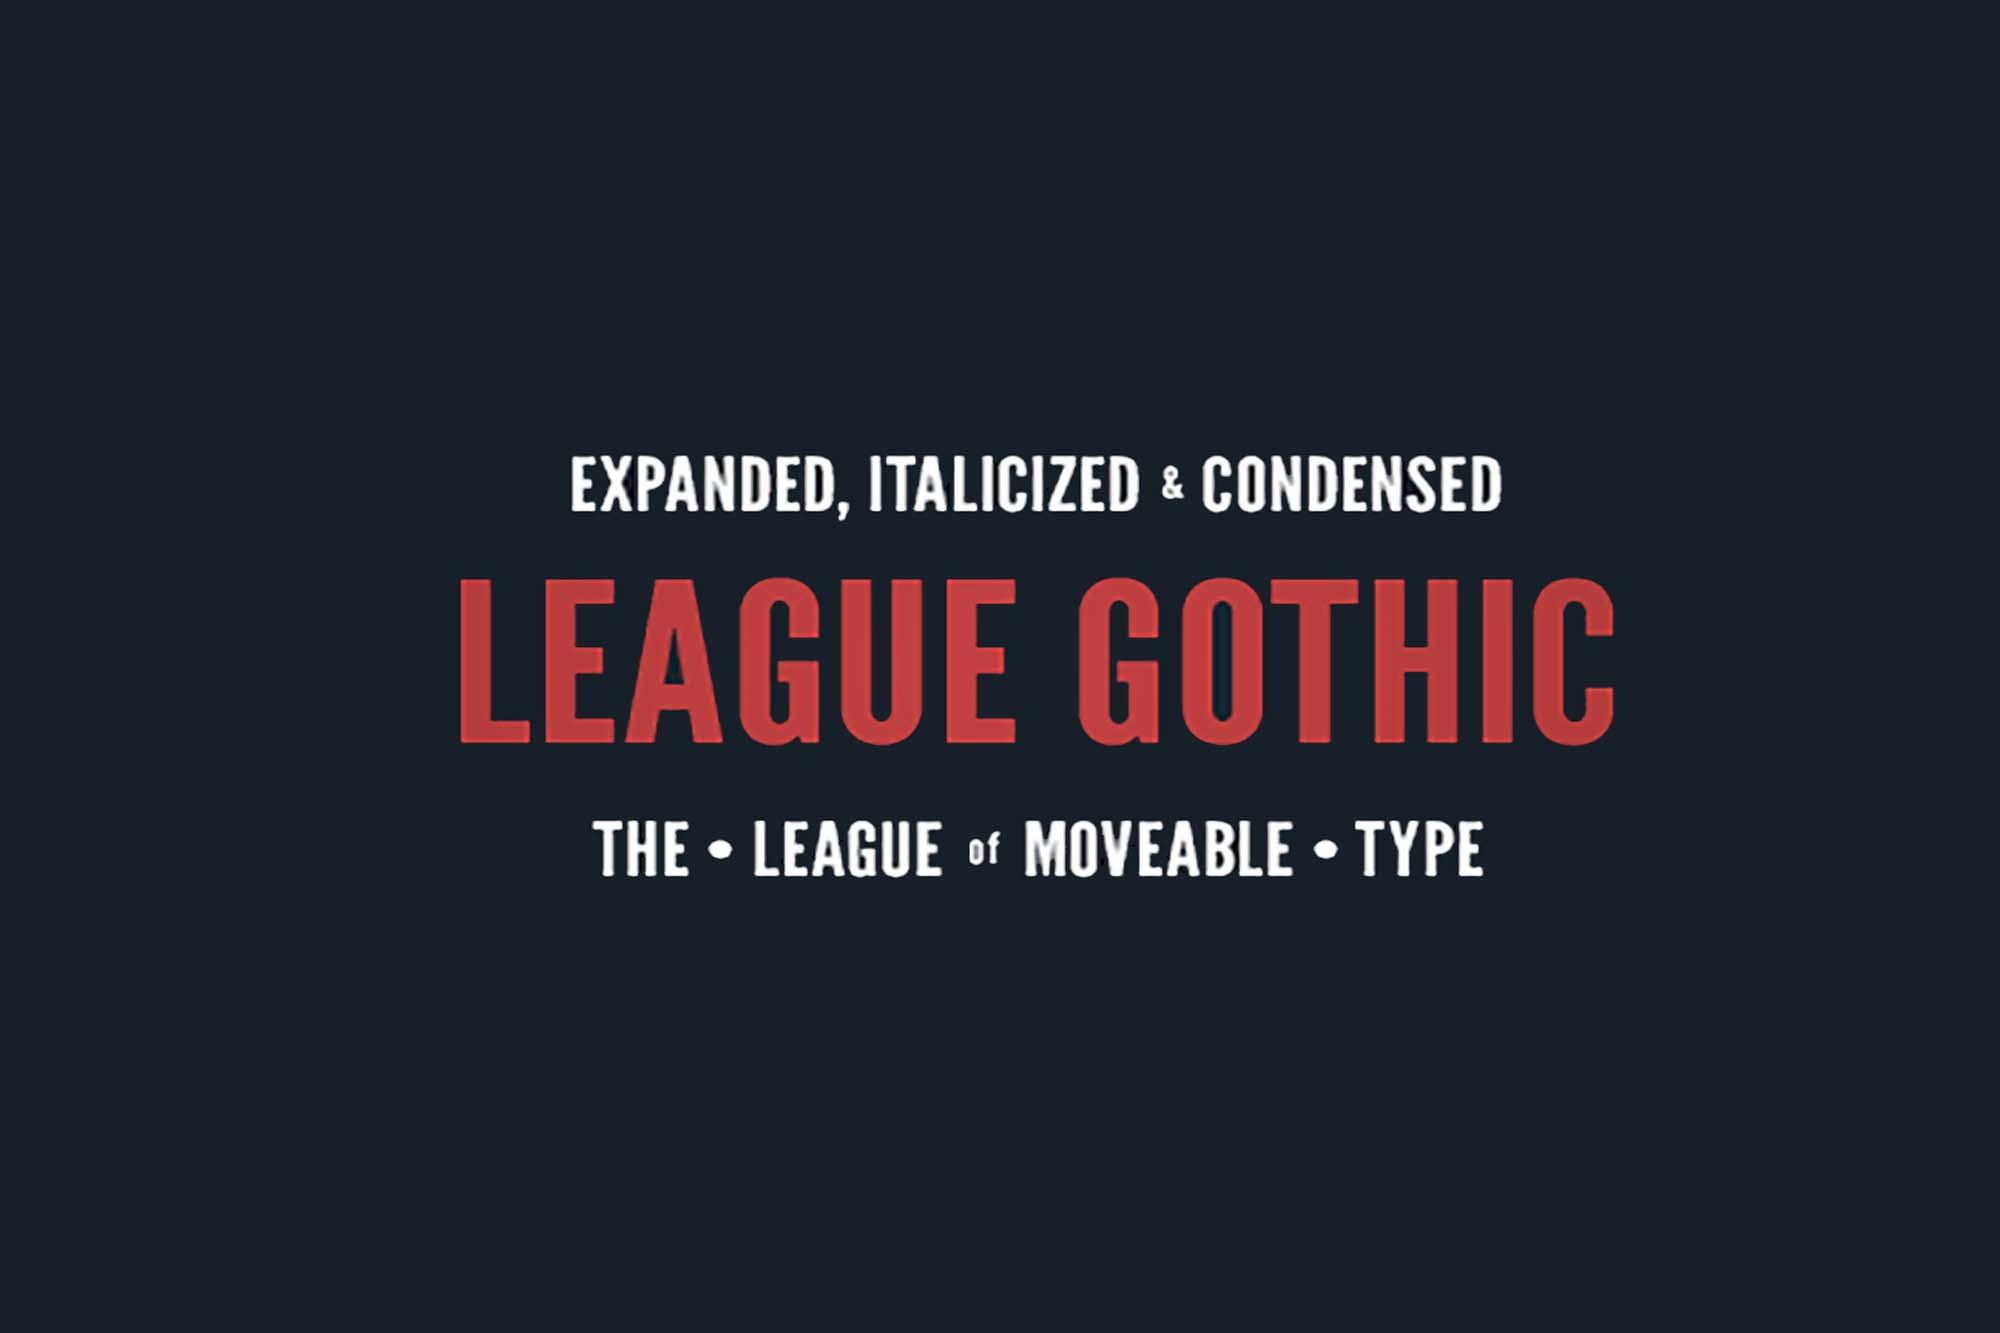 League Gothic Font